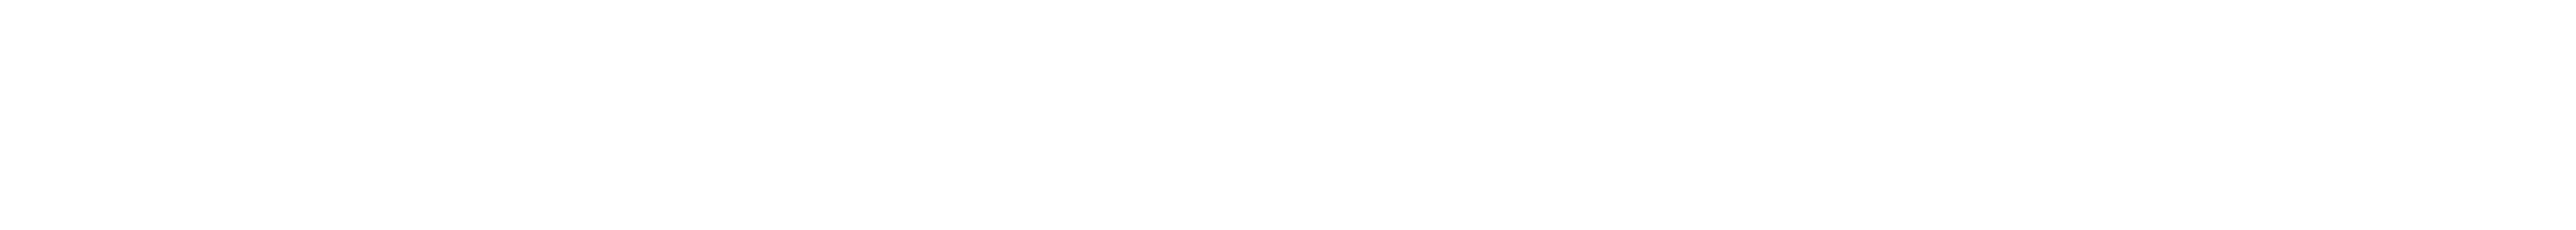 slider cover